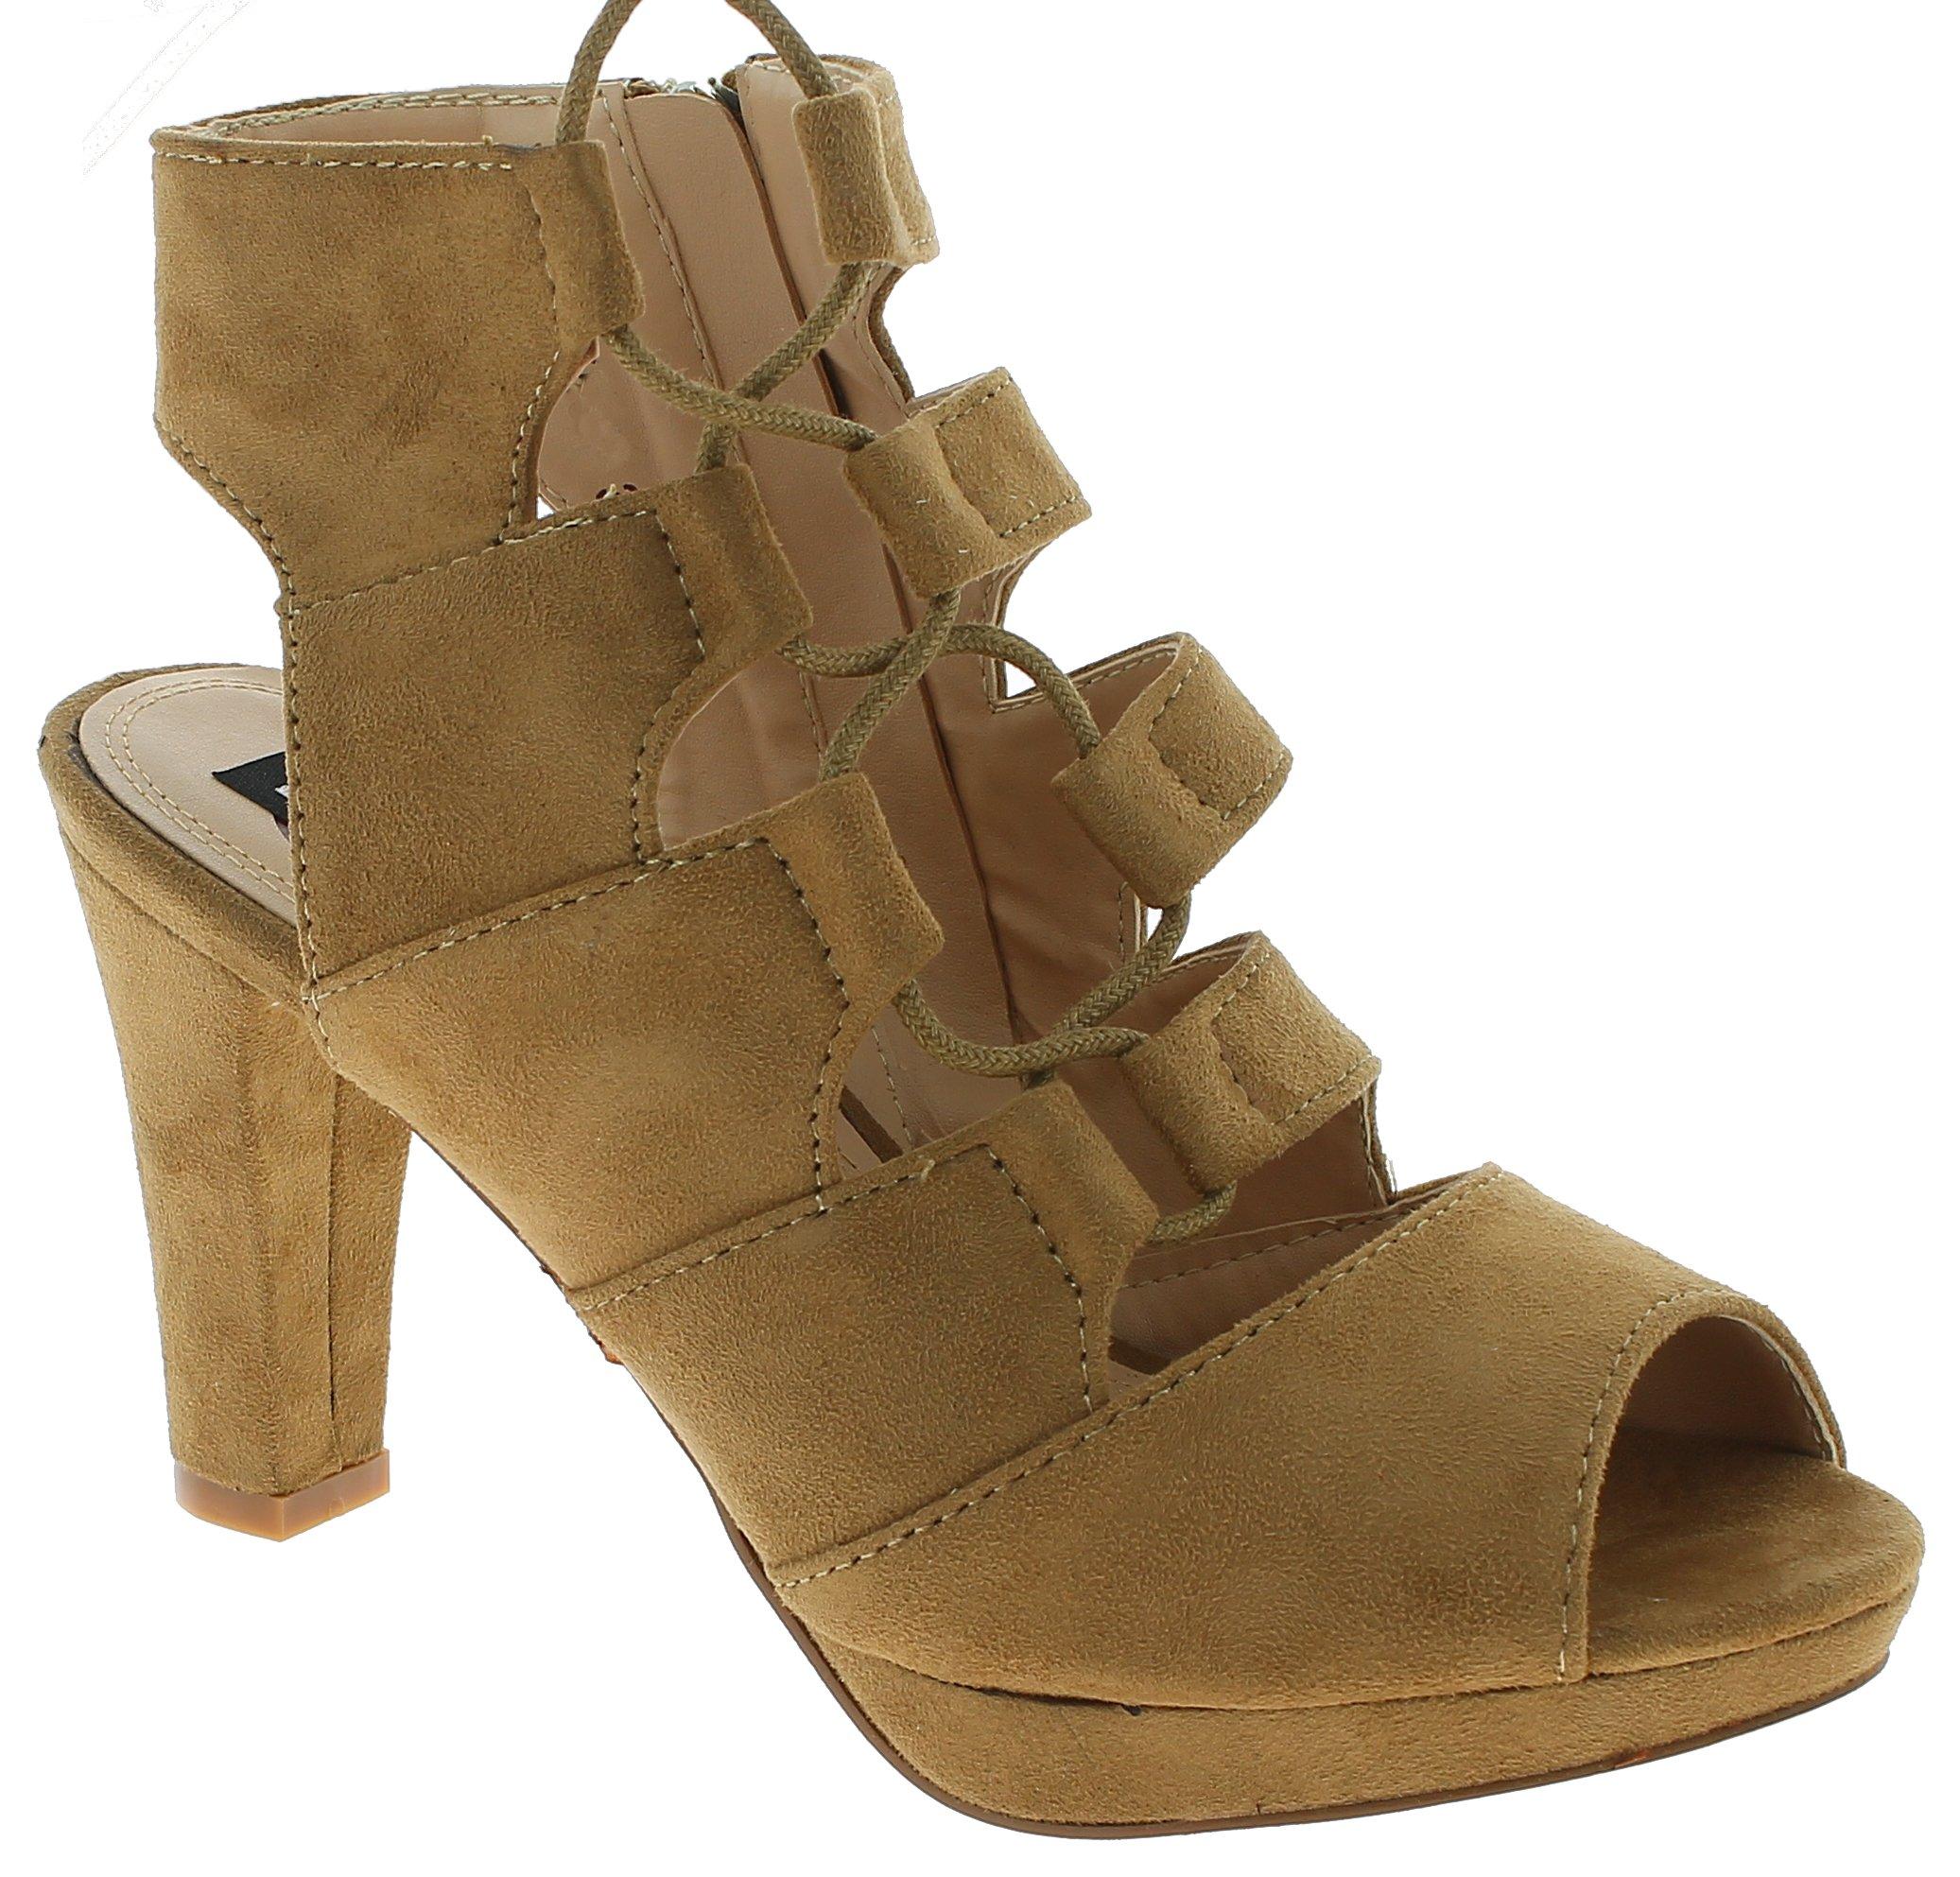 Πέδιλο Γυναικείο Y5519 Μπεζ - IqShoes - 18.Y5519 BEIGE-37/1/7/27 παπούτσια  γυναικεία σανδάλια   πέδιλα